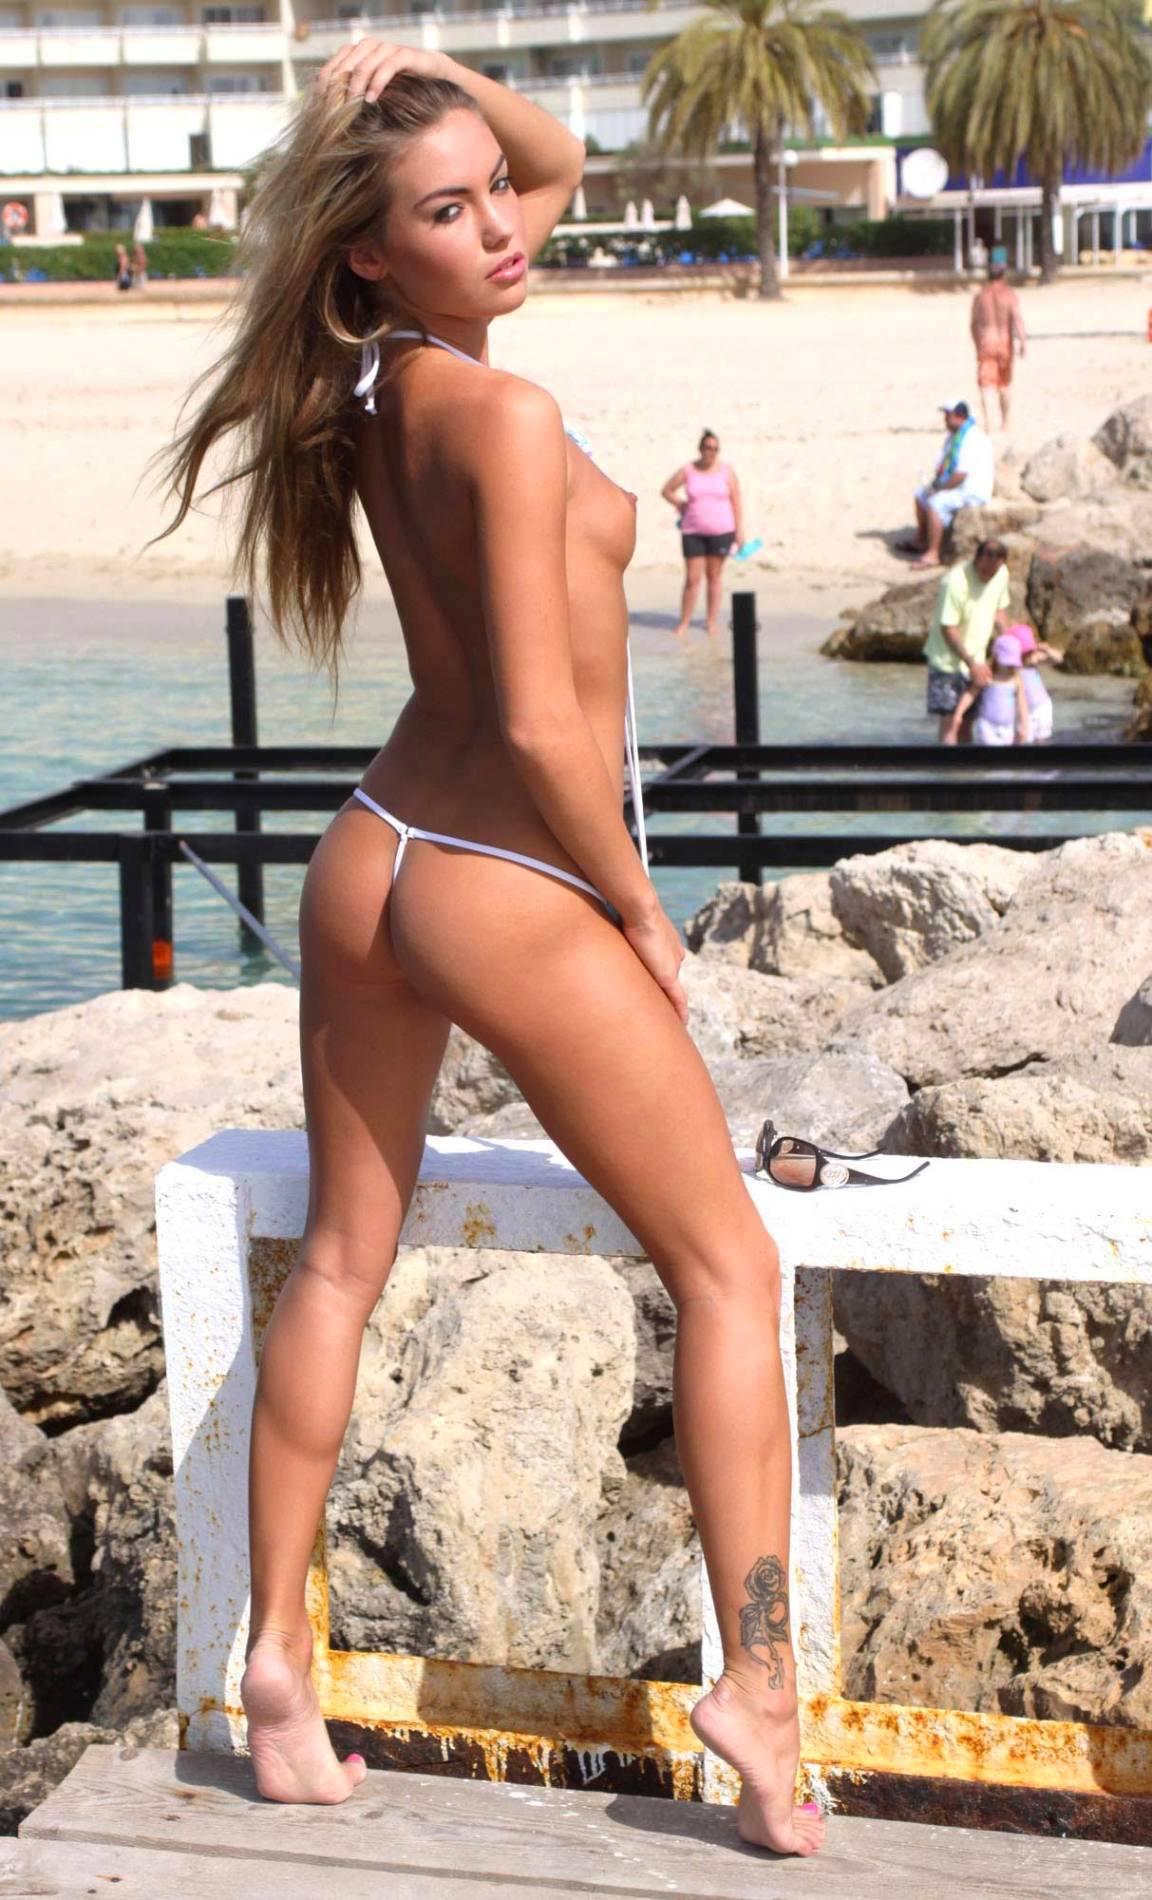 Фото девушки в супер микро бикини 1 фотография